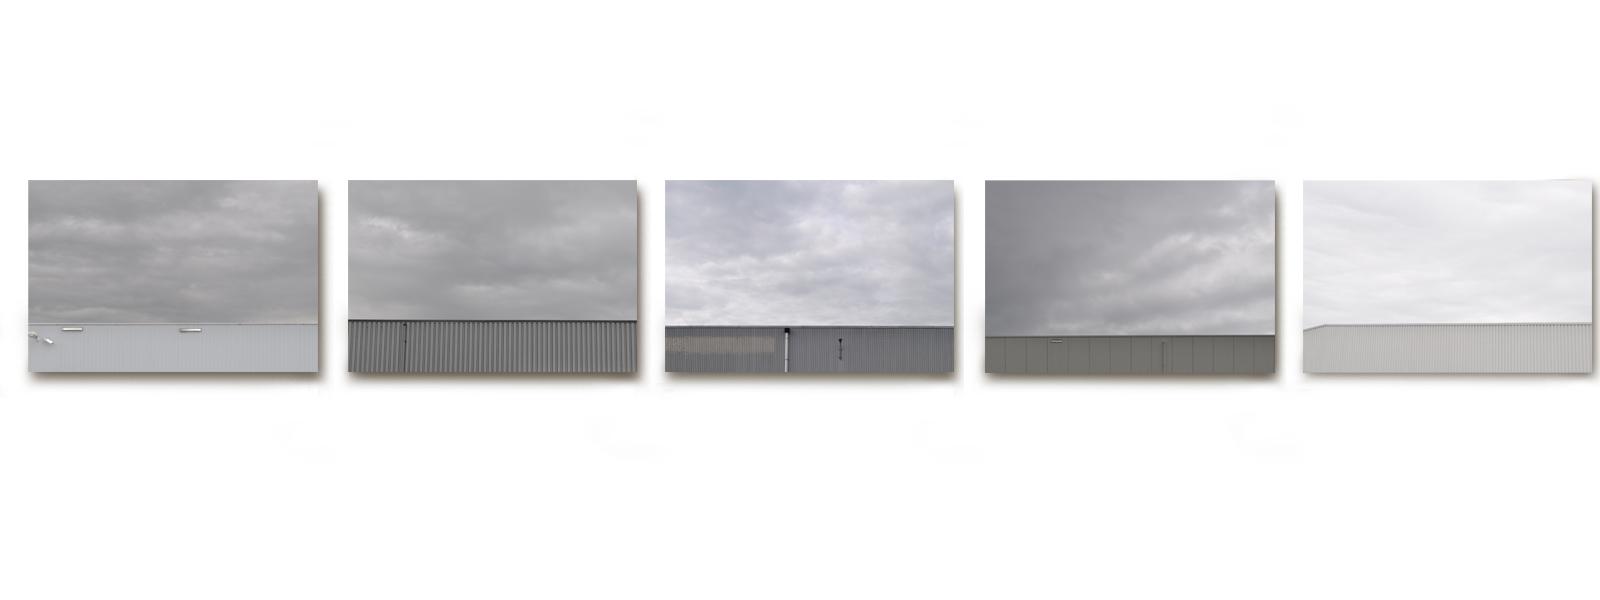 http://mariekederuig.nl/files/gimgs/52_absence-of-horizon-01.jpg